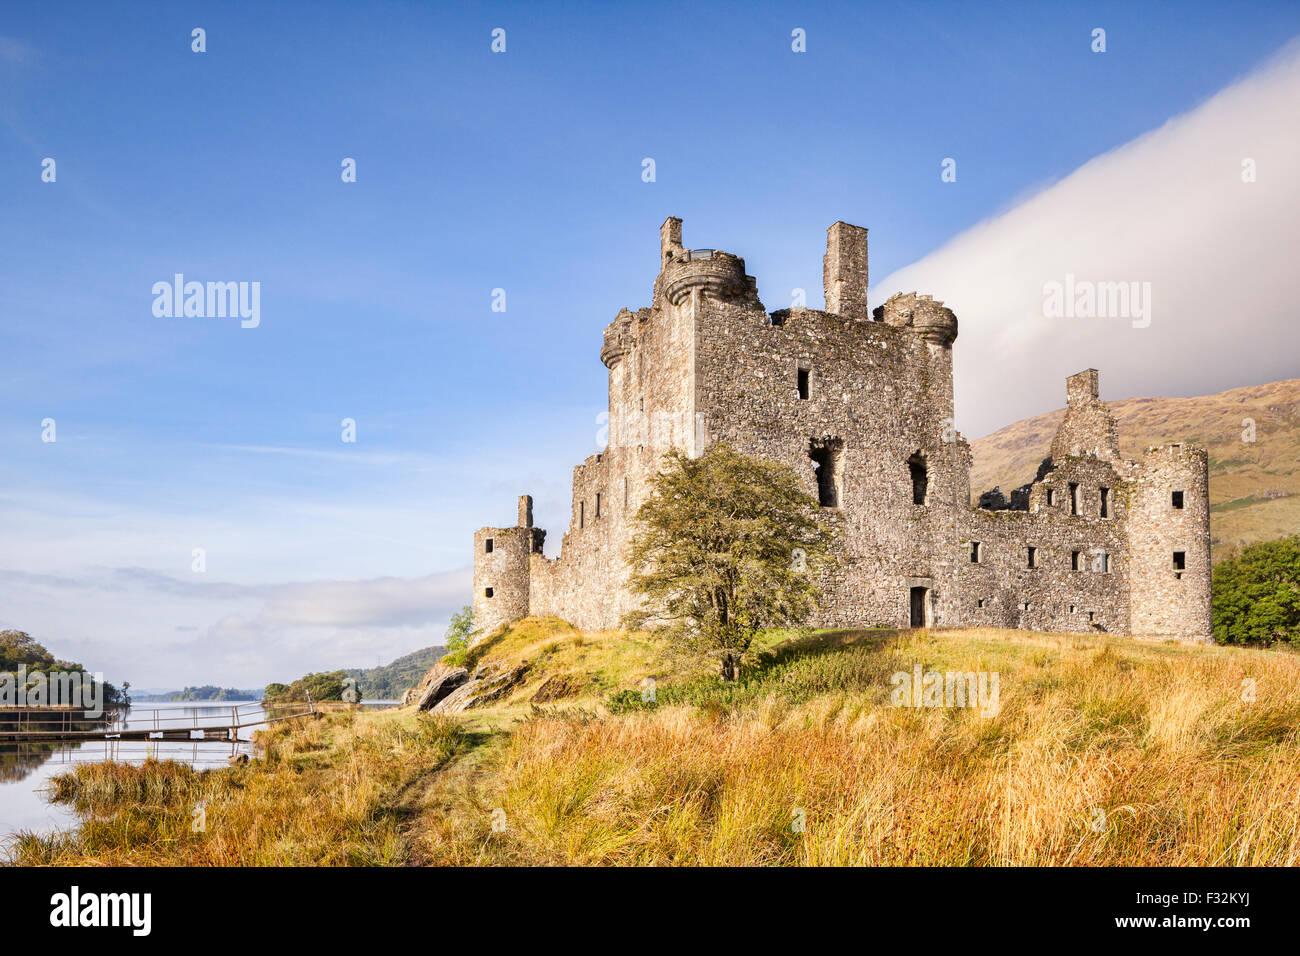 El Castillo de Kilchurn, Loch Awe, Argyll and Bute, en Escocia, Reino Unido. Imagen De Stock